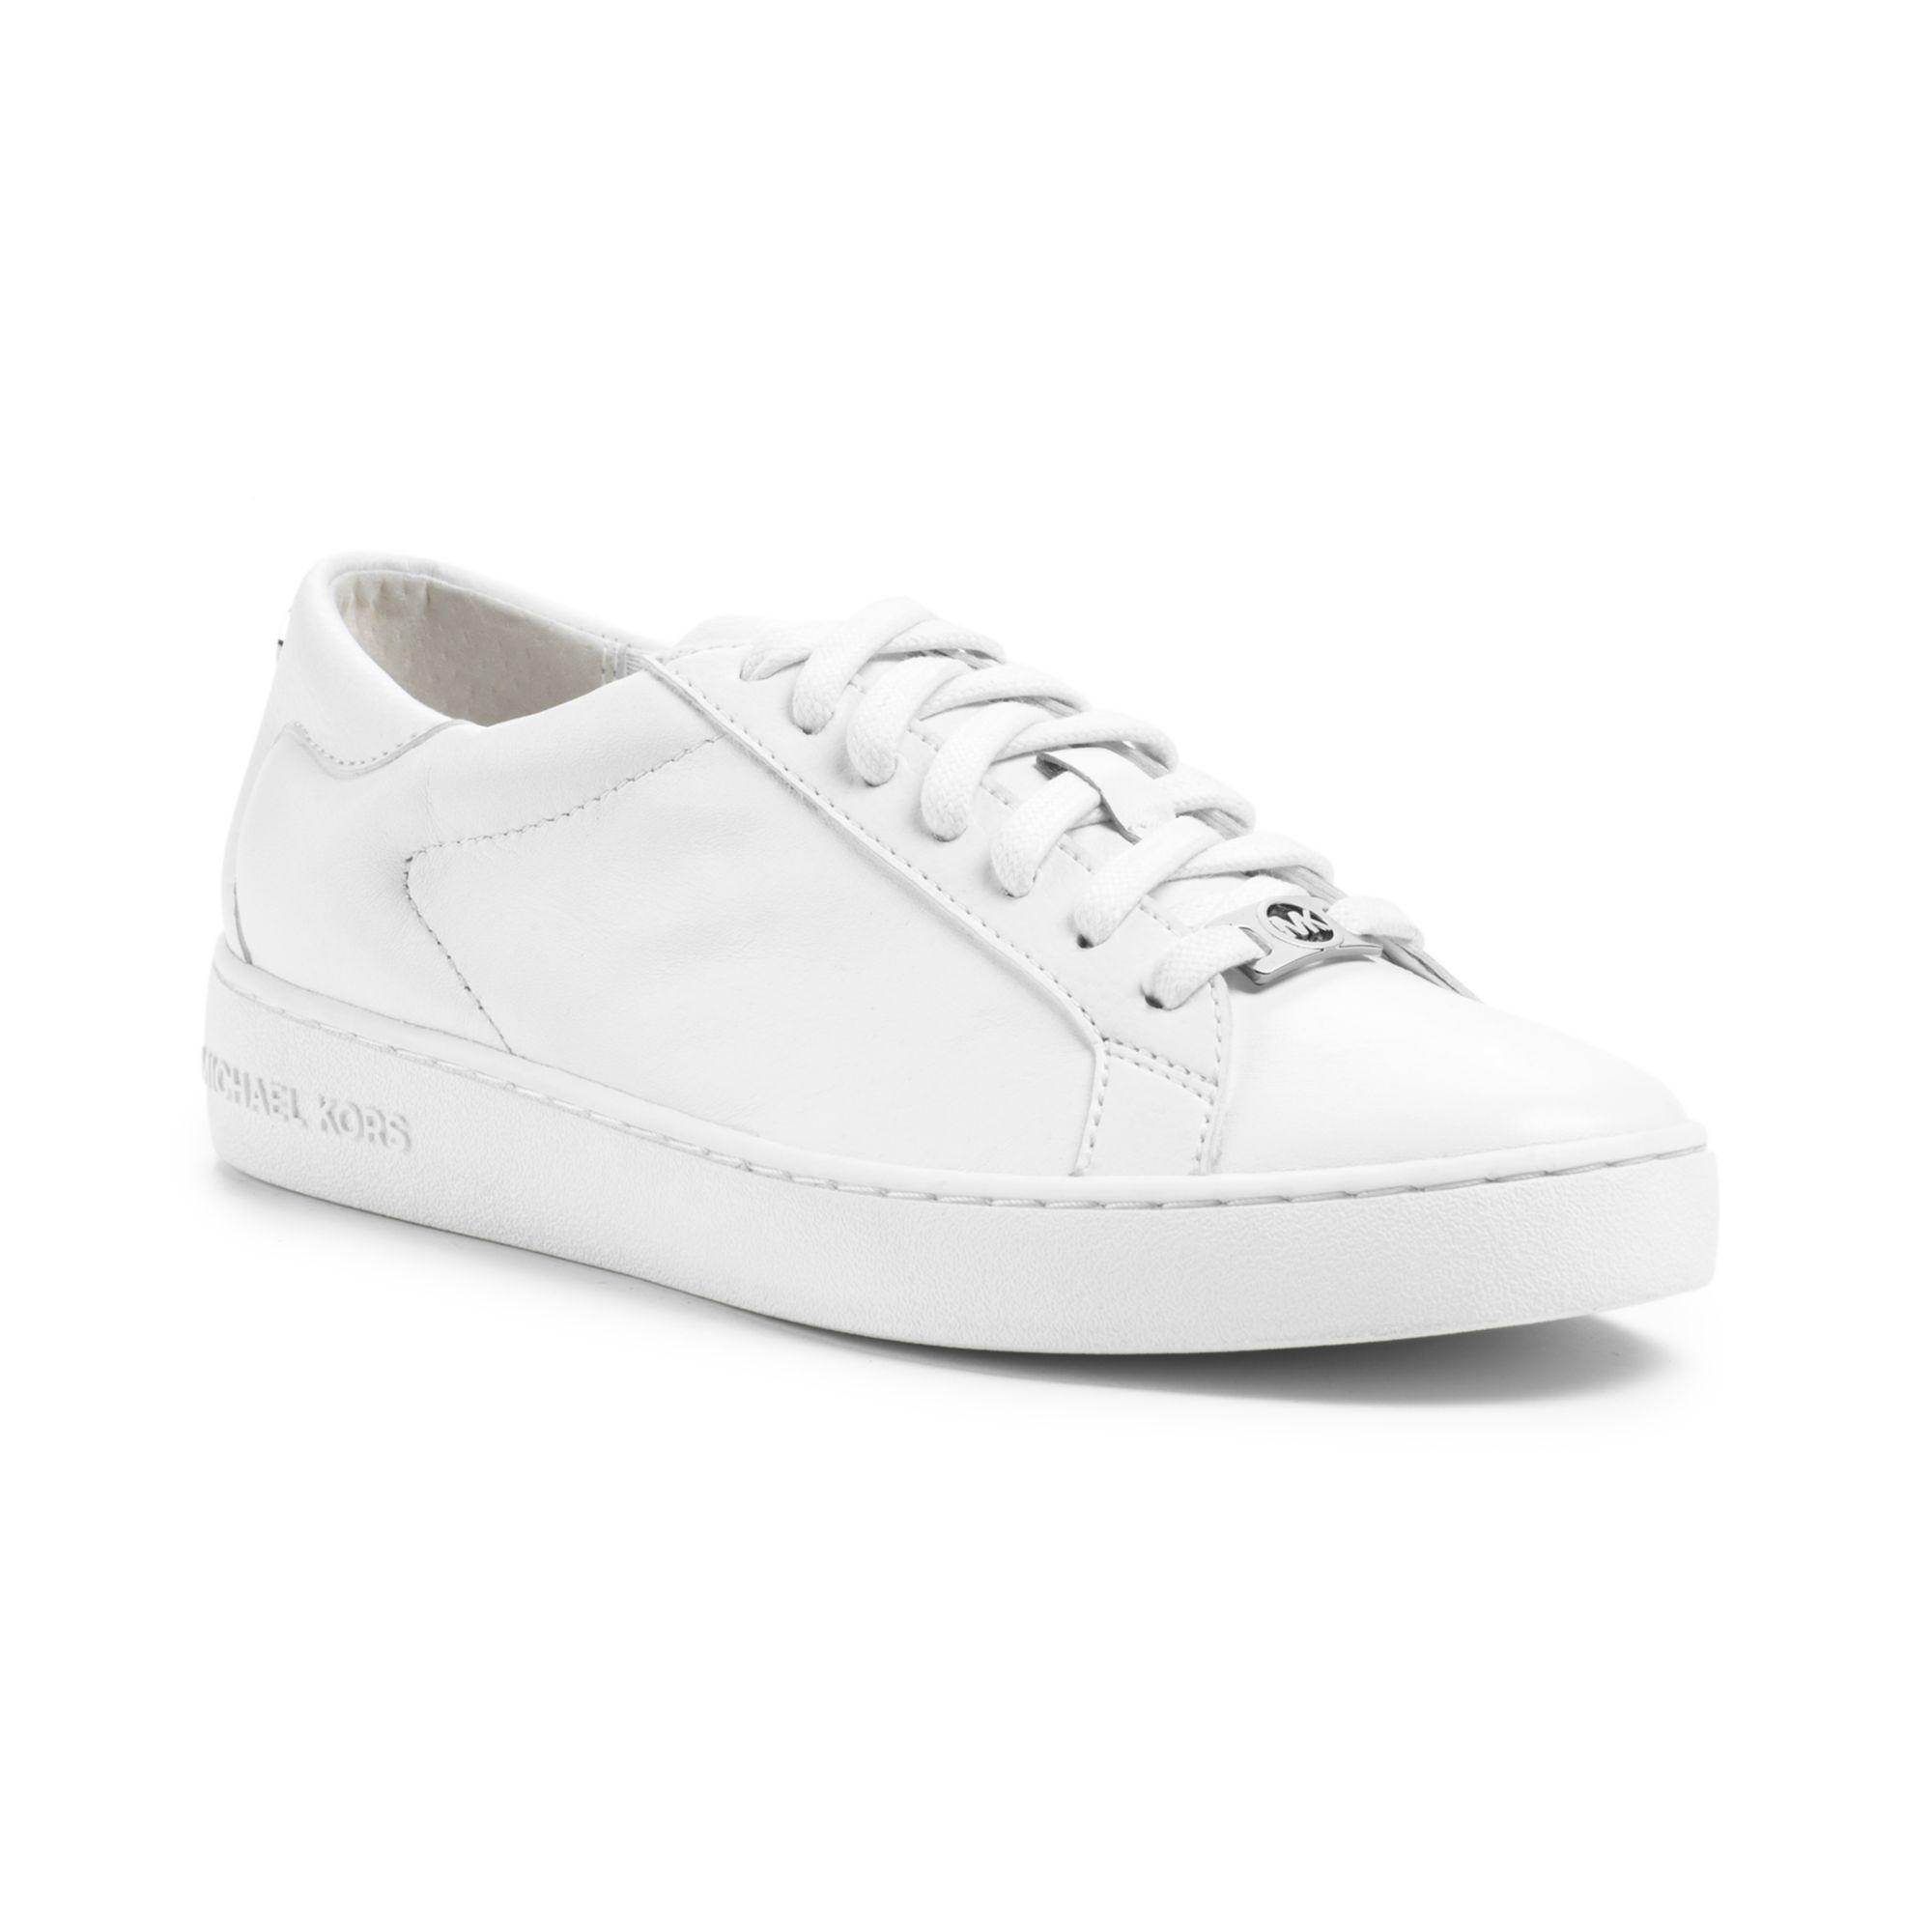 Michael Kors Michael Keaton Sneakers in